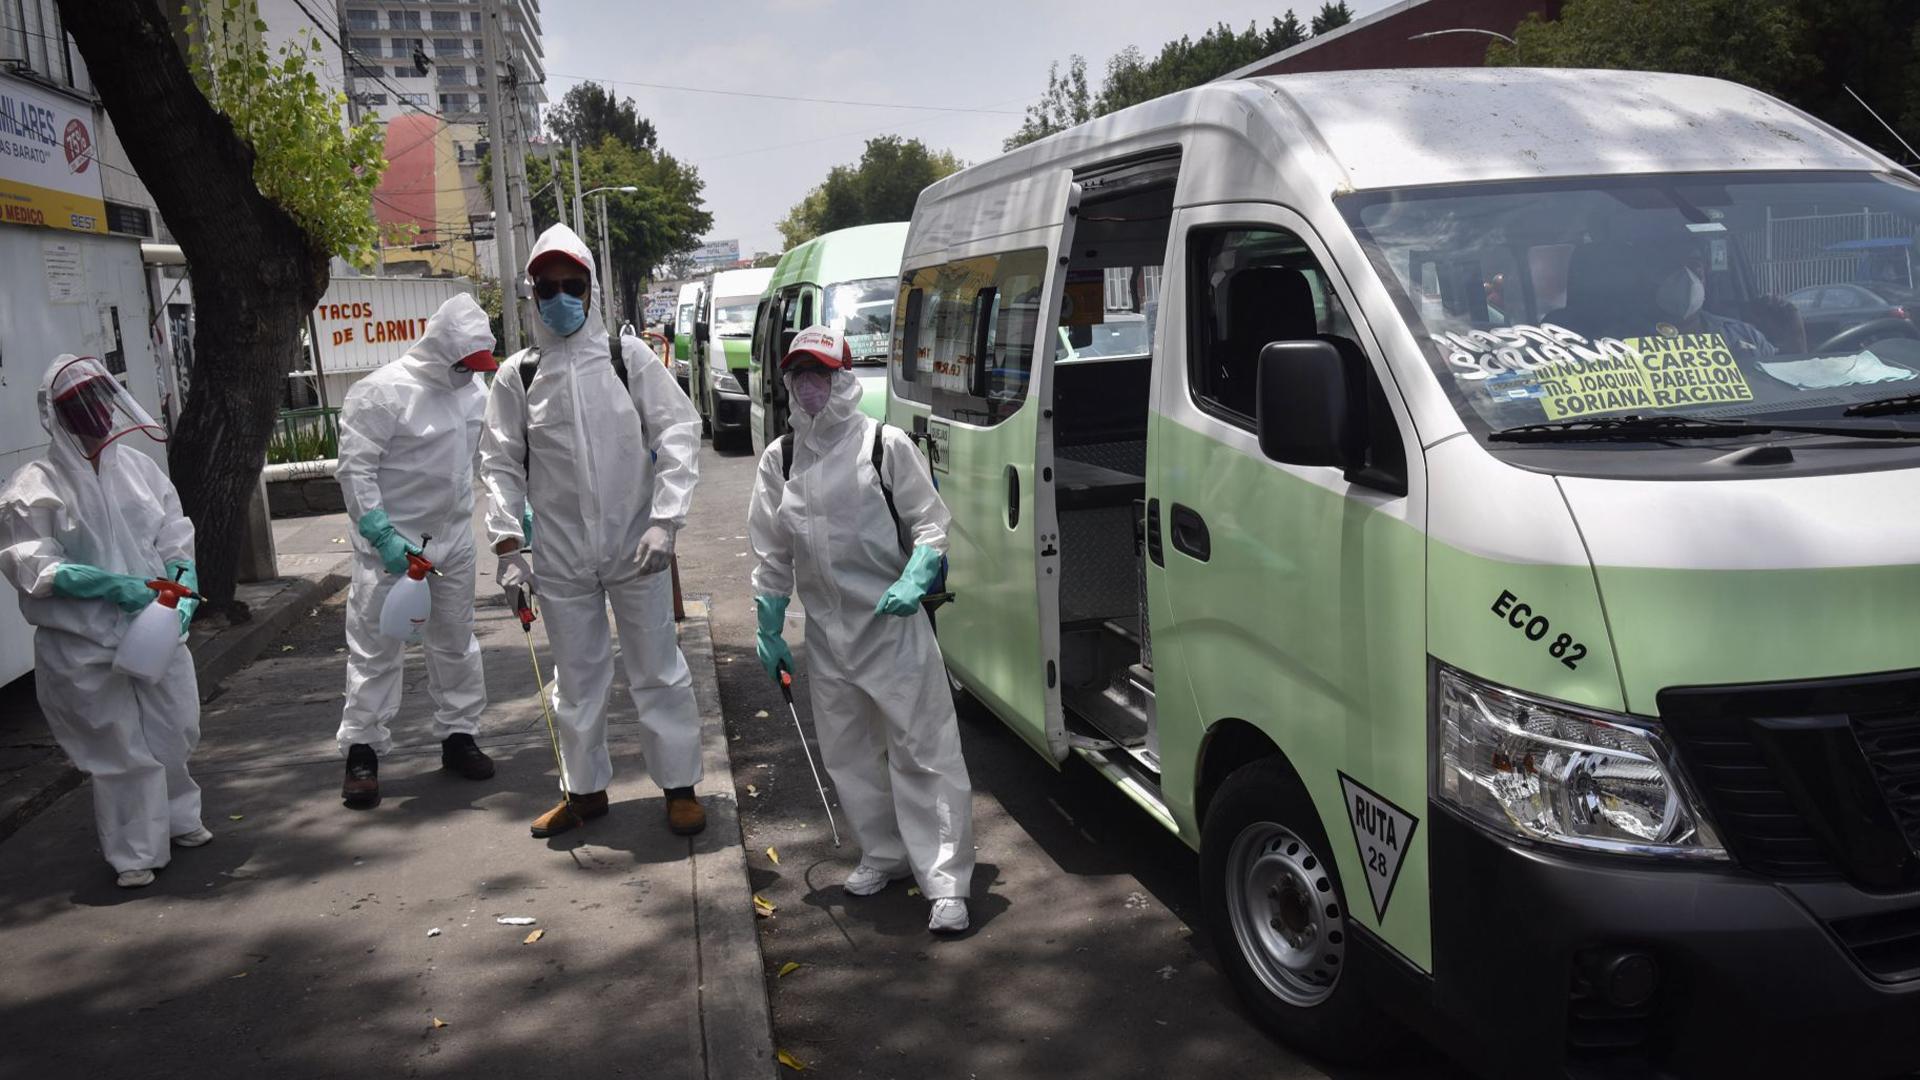 Brigadas de limpieza de la alcaldía Miguel Hidalgo desinfectaron las unidades de la ruta 28 (Foto: Cuartoscuro)